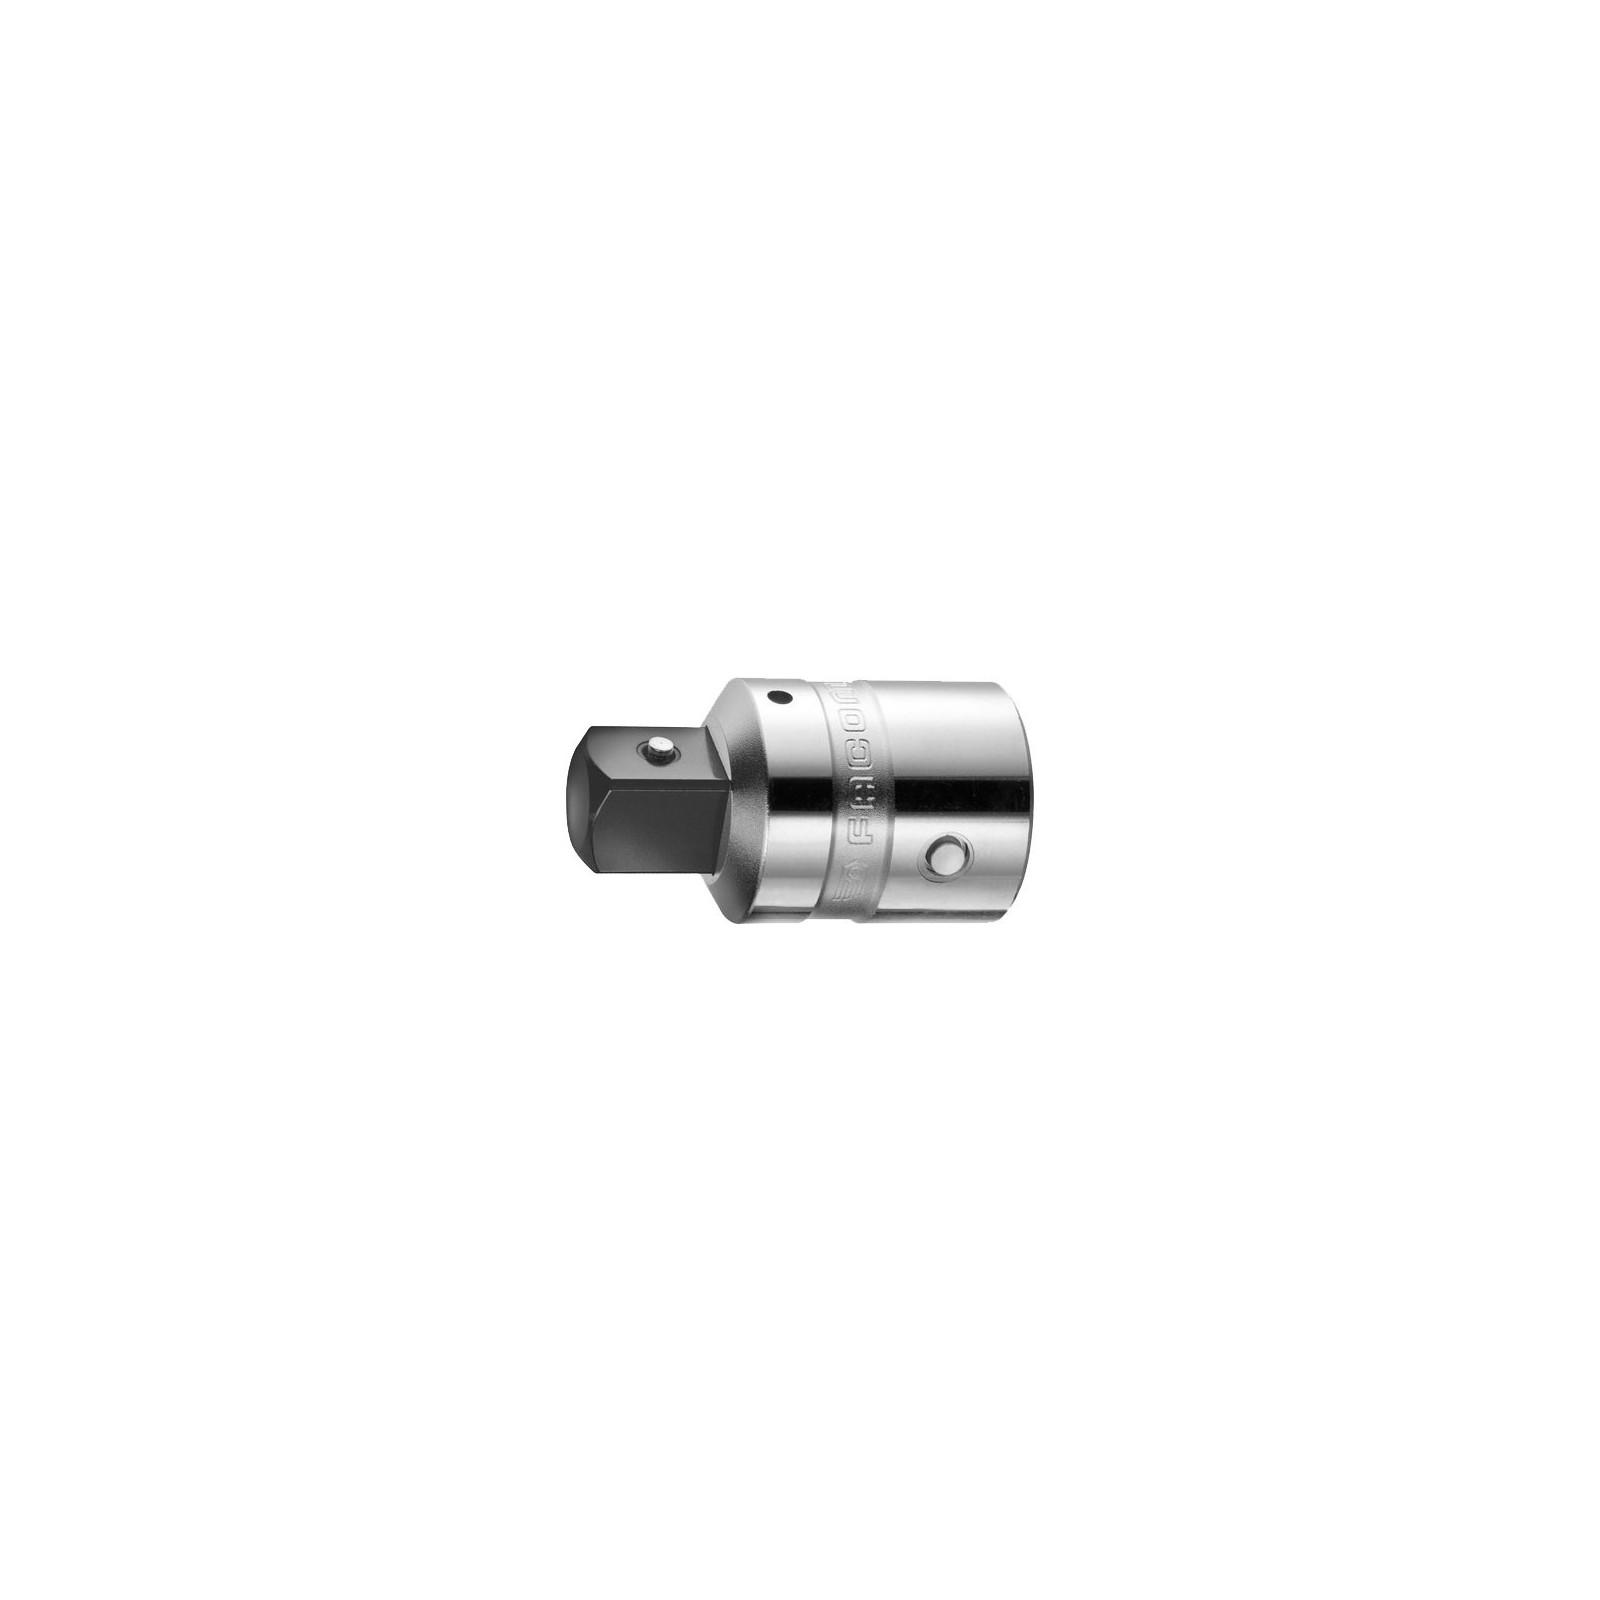 Réducteur 3/4 à 1/2 - Facom K.230B